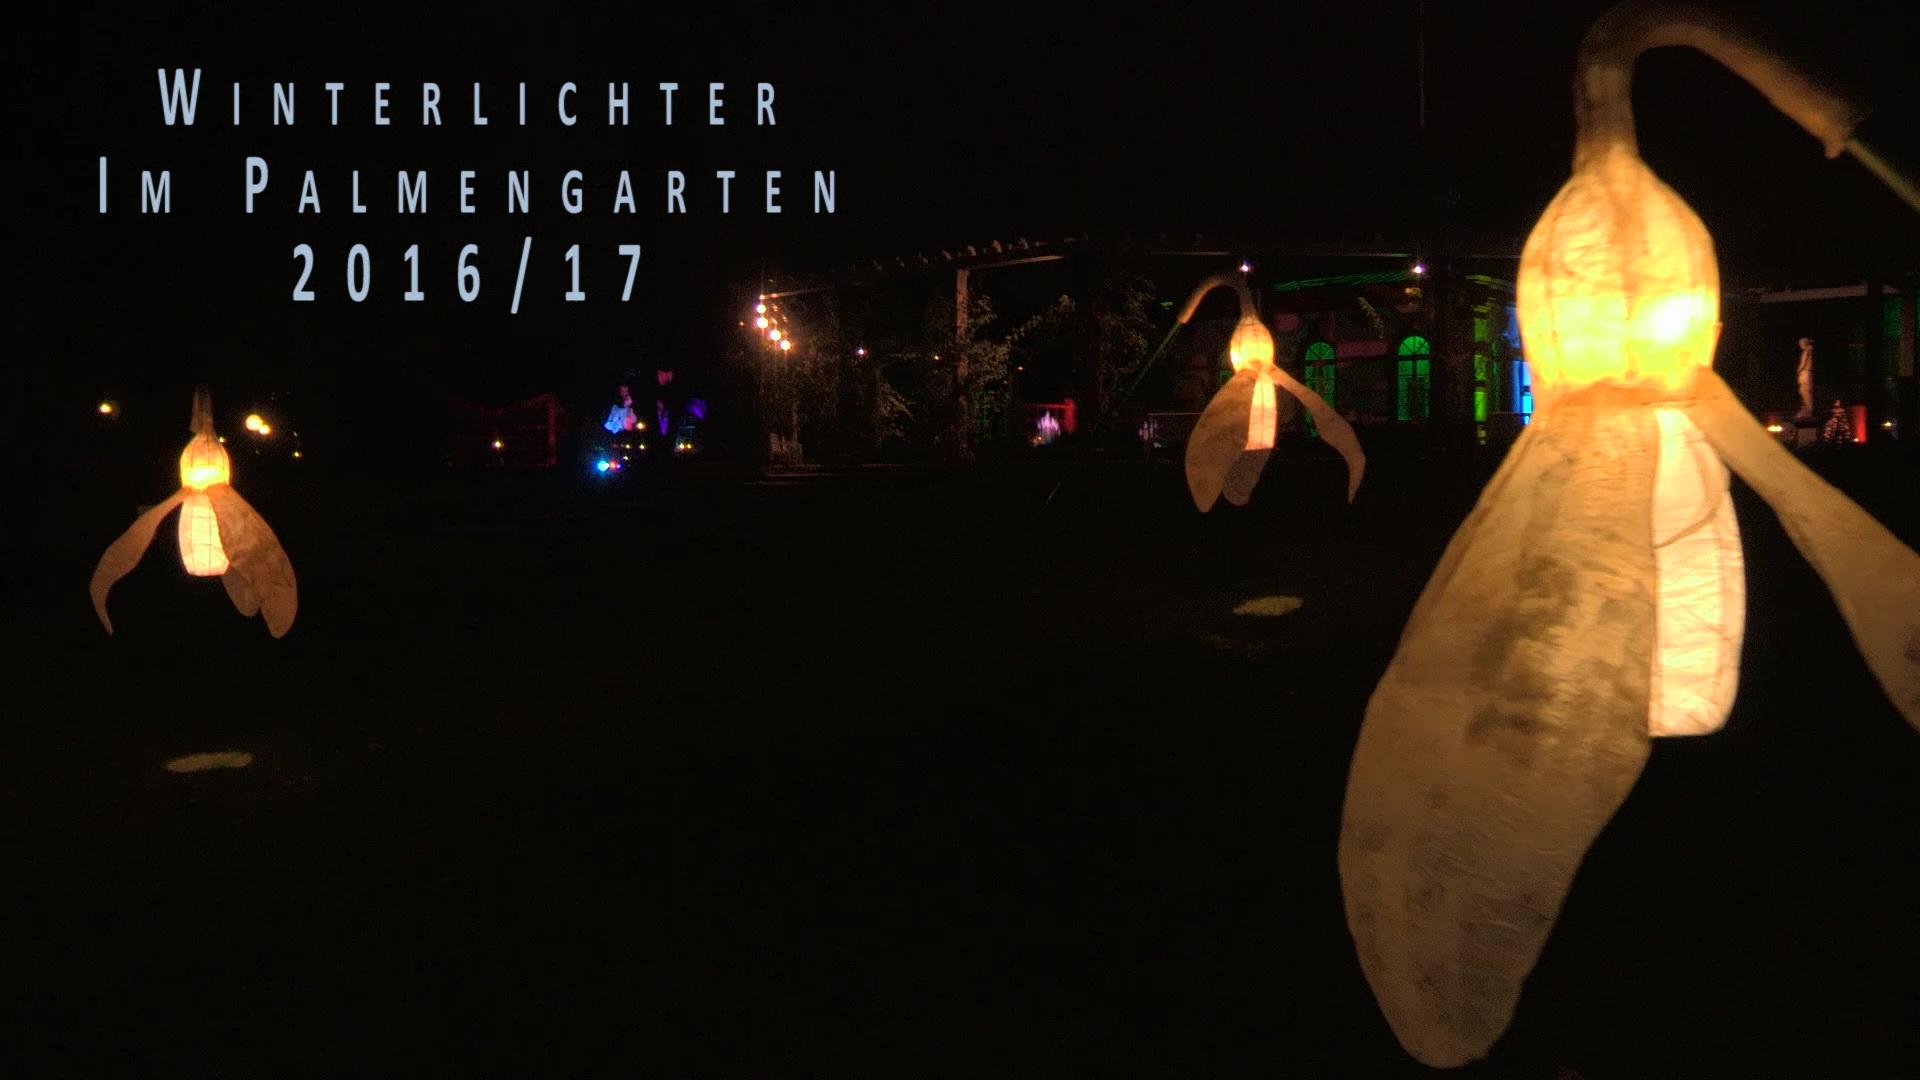 Winterlichter16_1700014